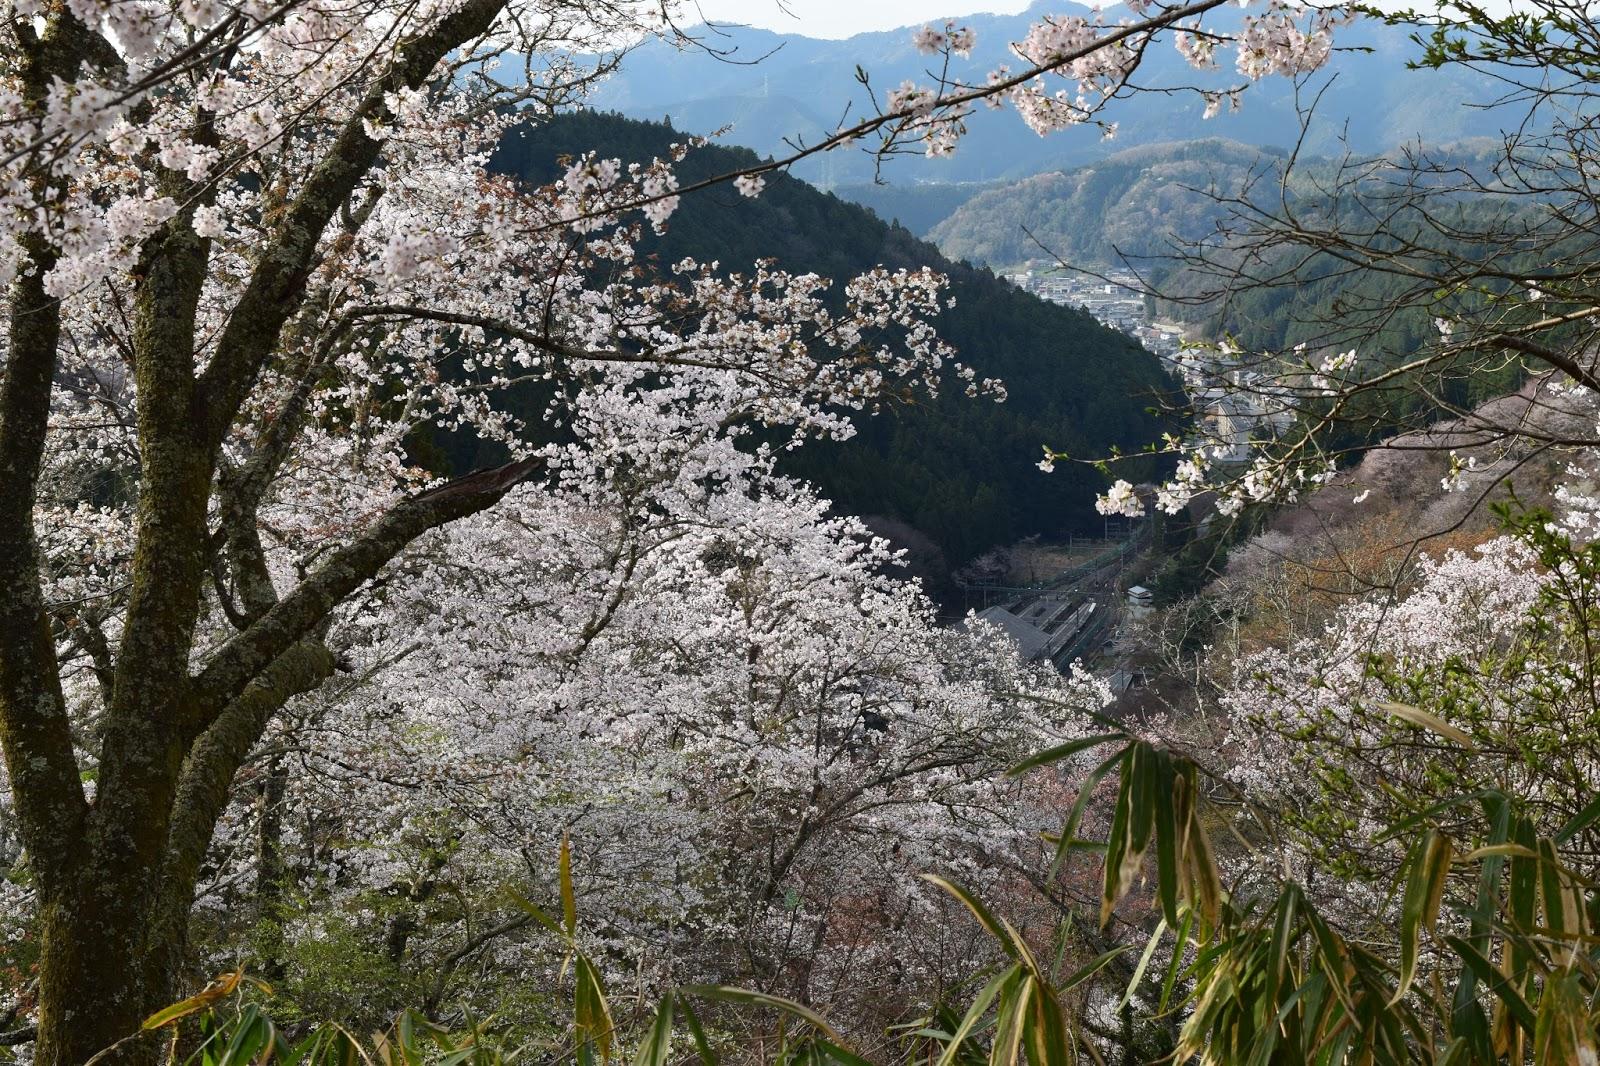 Cherry blossom Yoshinoyama